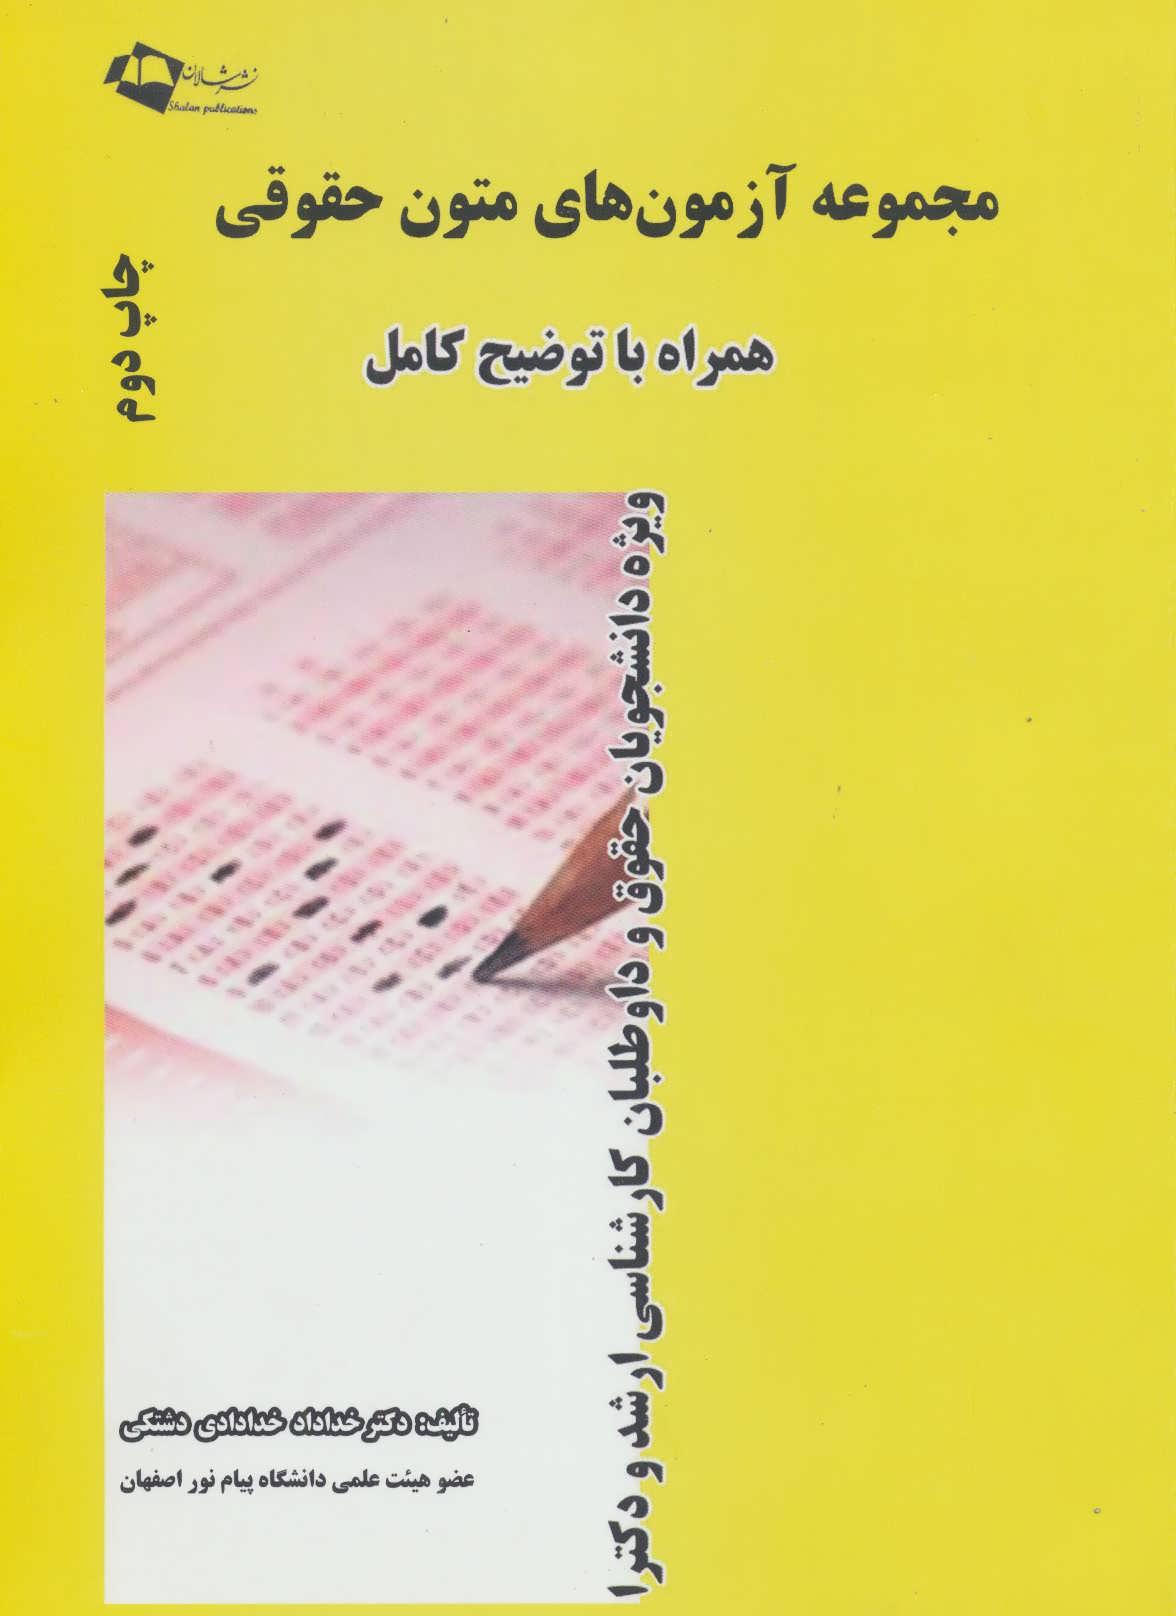 کتاب مجموعه آزمونهای متون حقوقی همراه با توضیح کامل